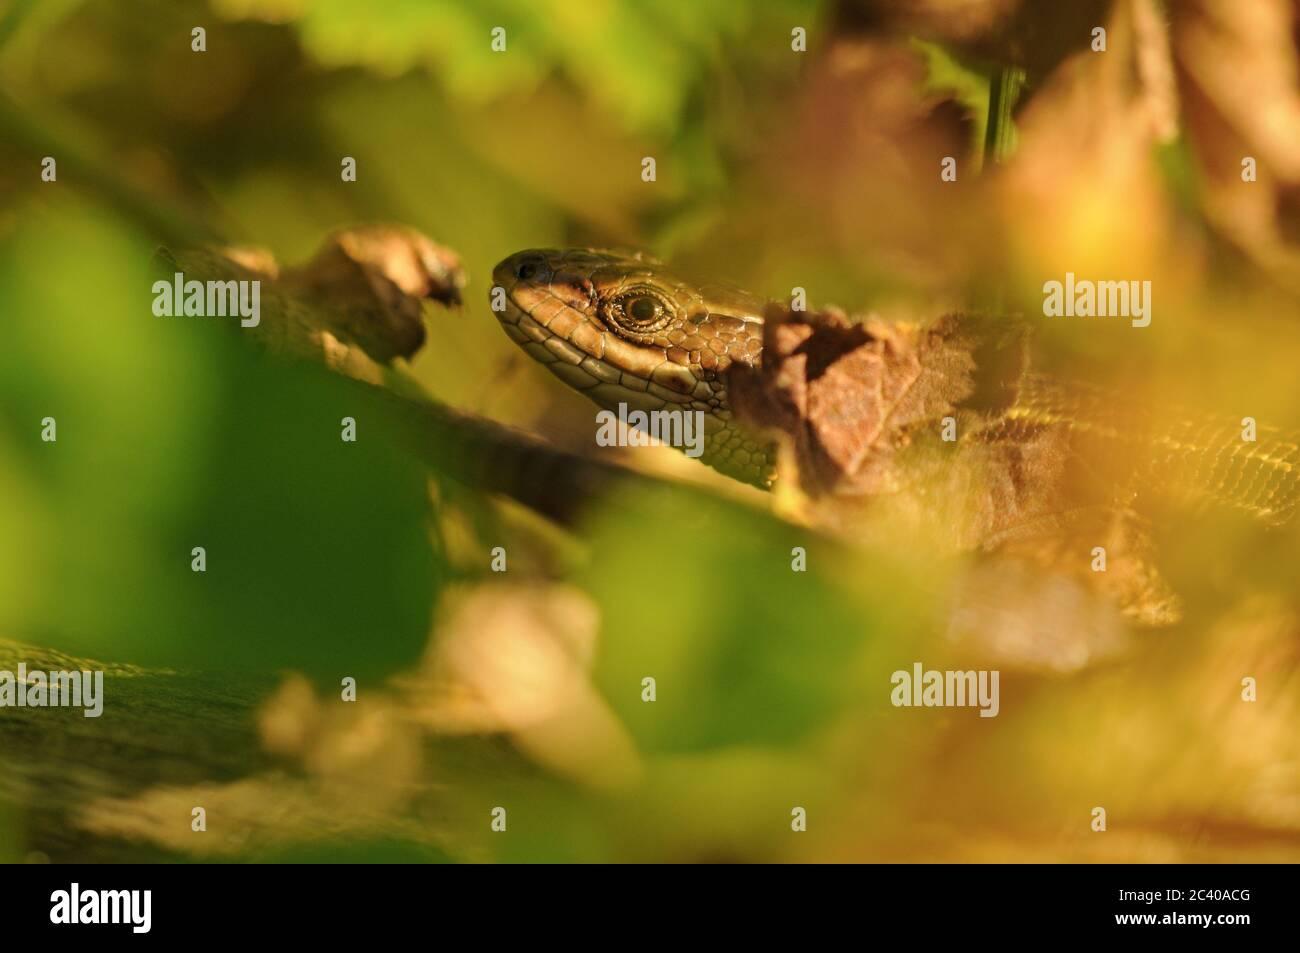 Lebhafter Eidechse oder gemeine Eidechse, Zootoca vivipara, versteckt im Laub, Norfolk, August Stockfoto